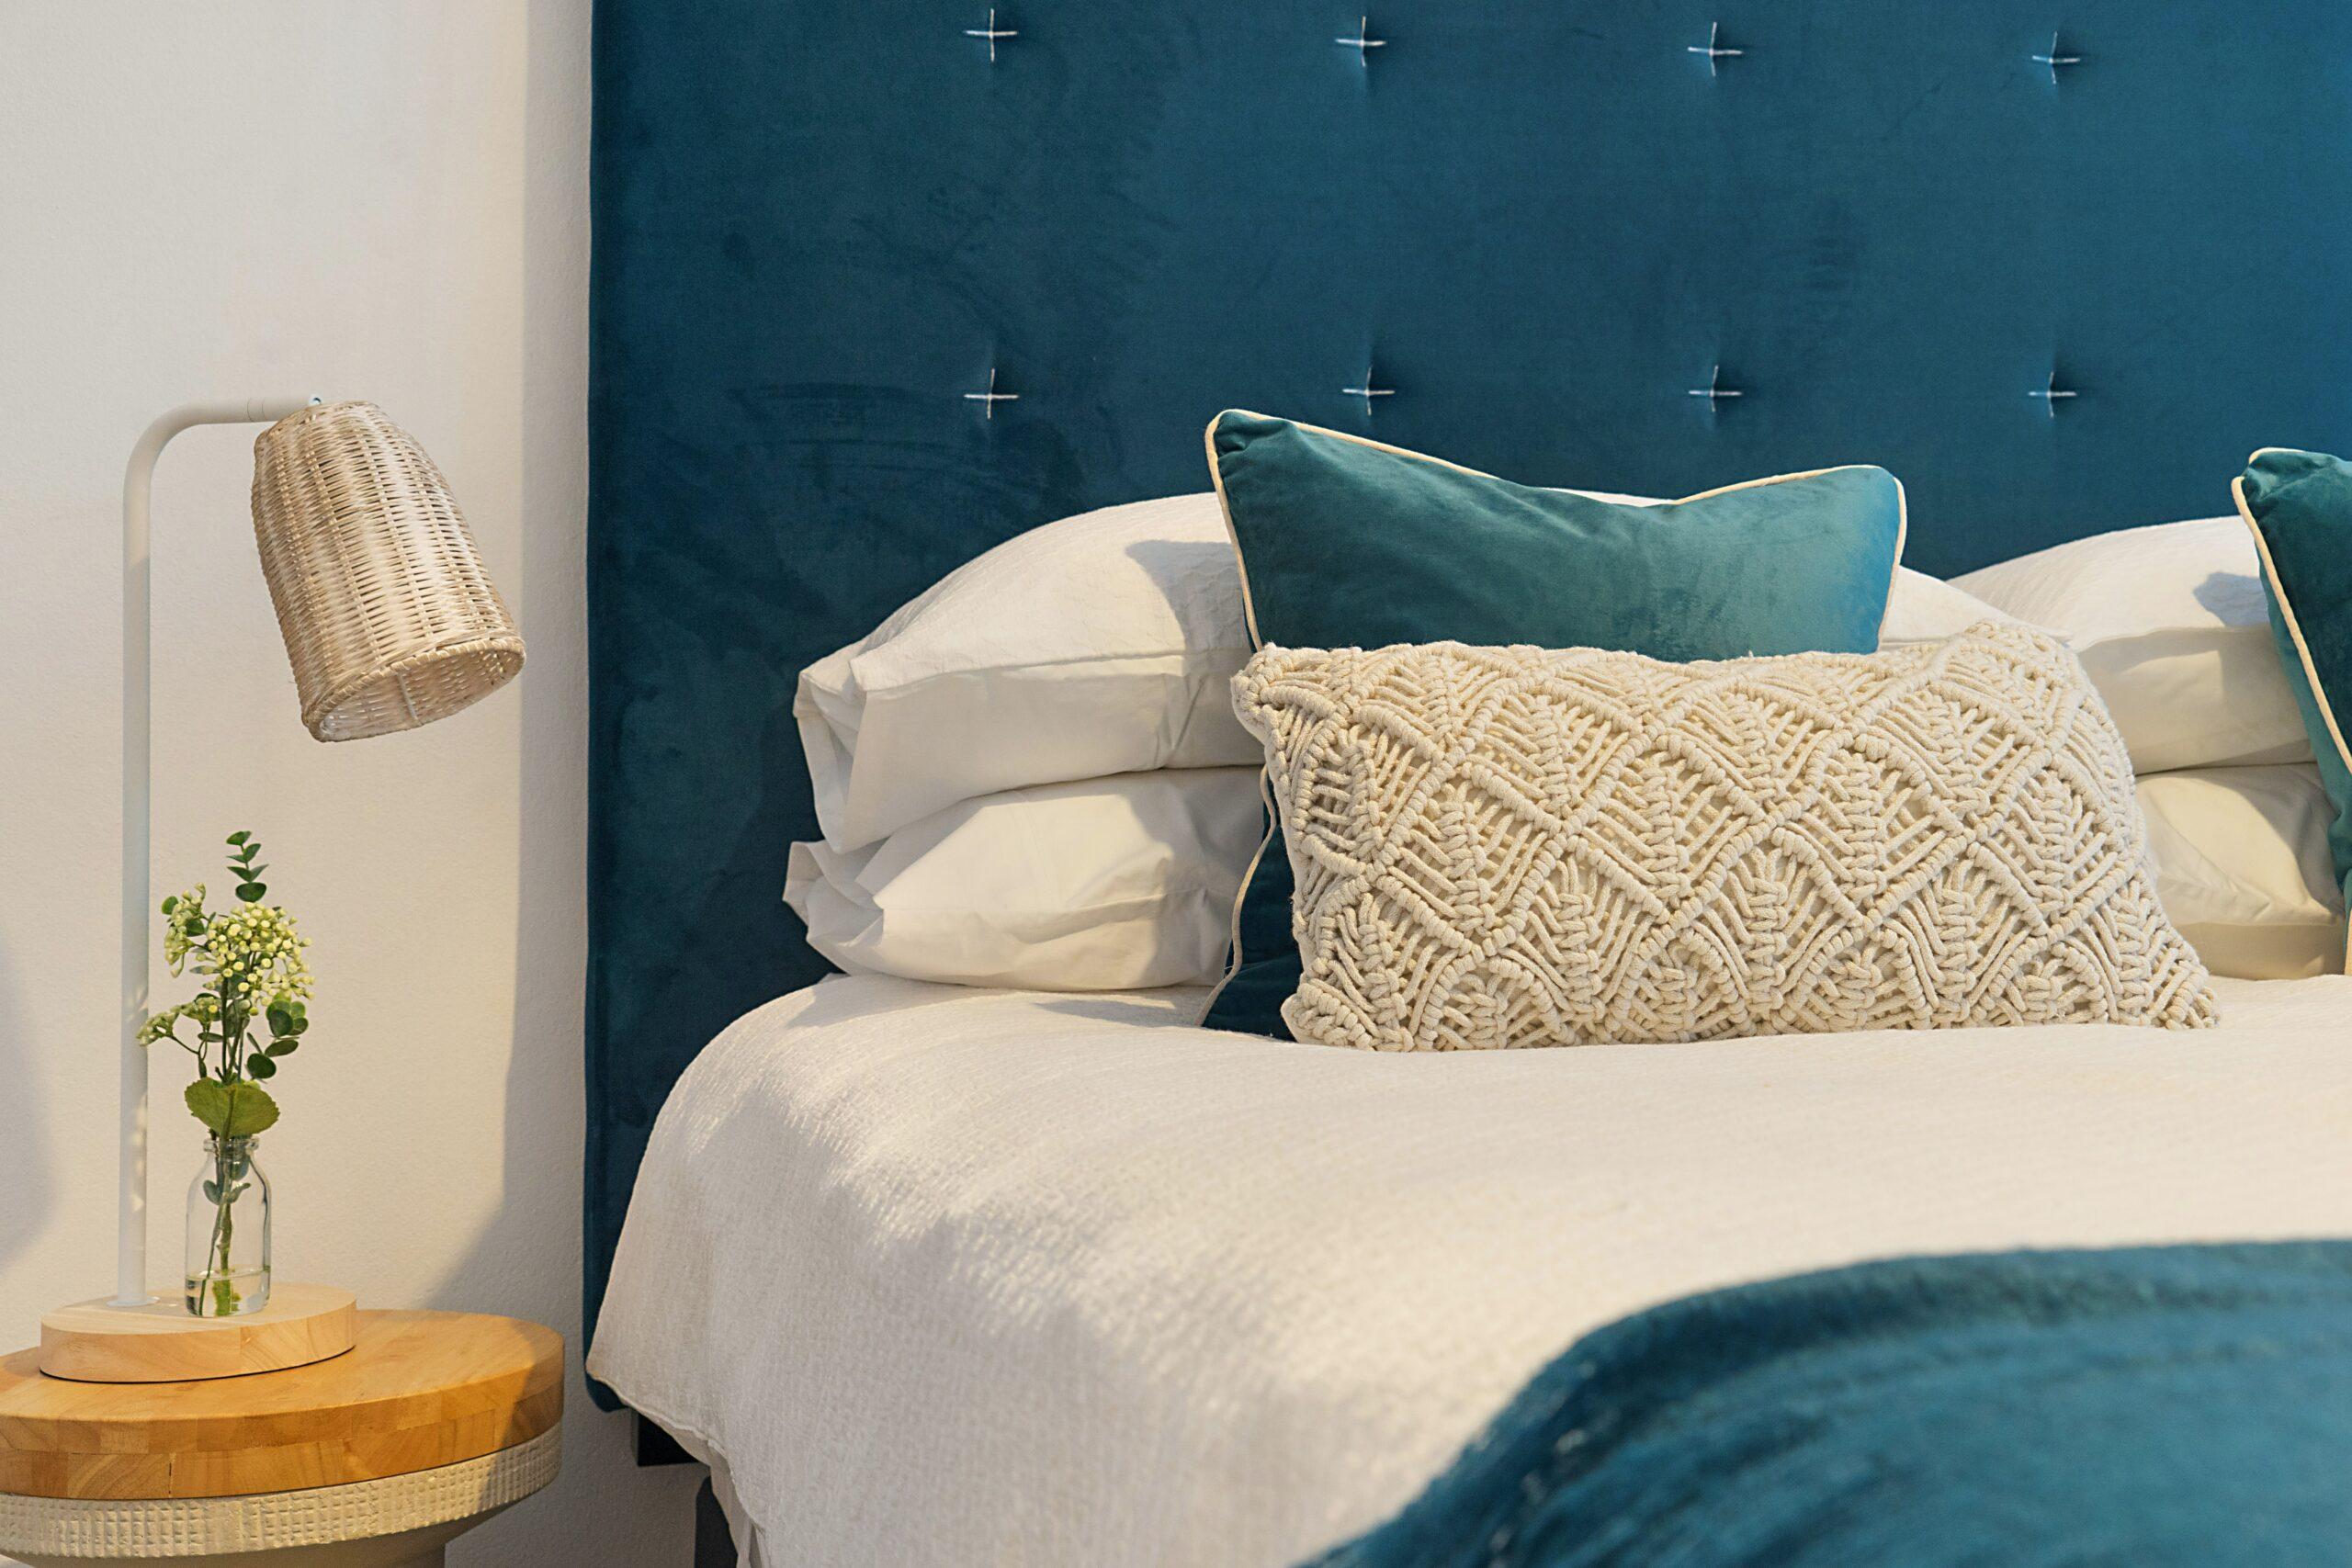 Beds Hamilton